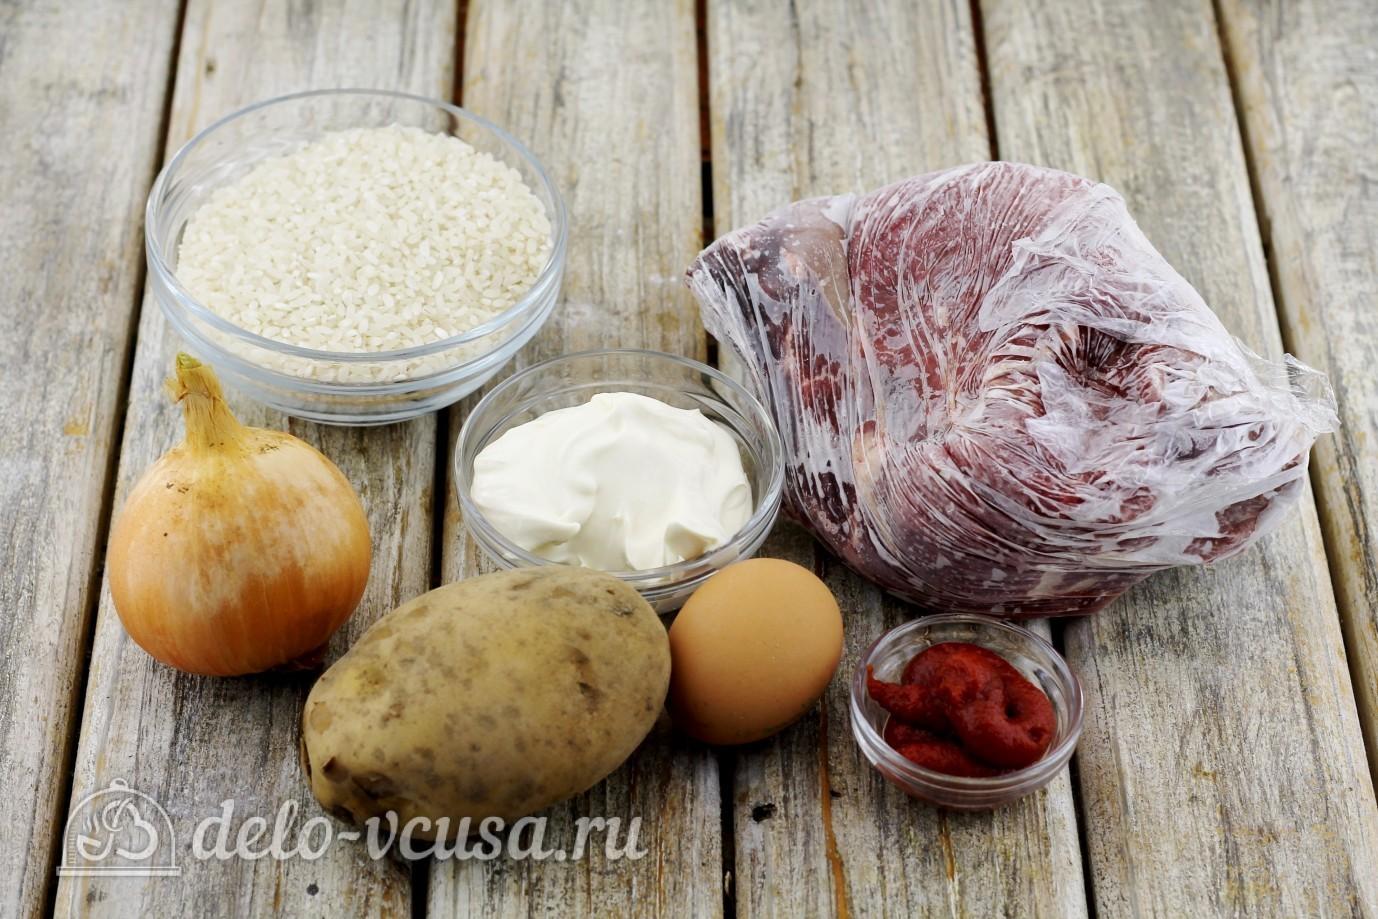 Тефтели с рисом в духовке: Ингредиенты